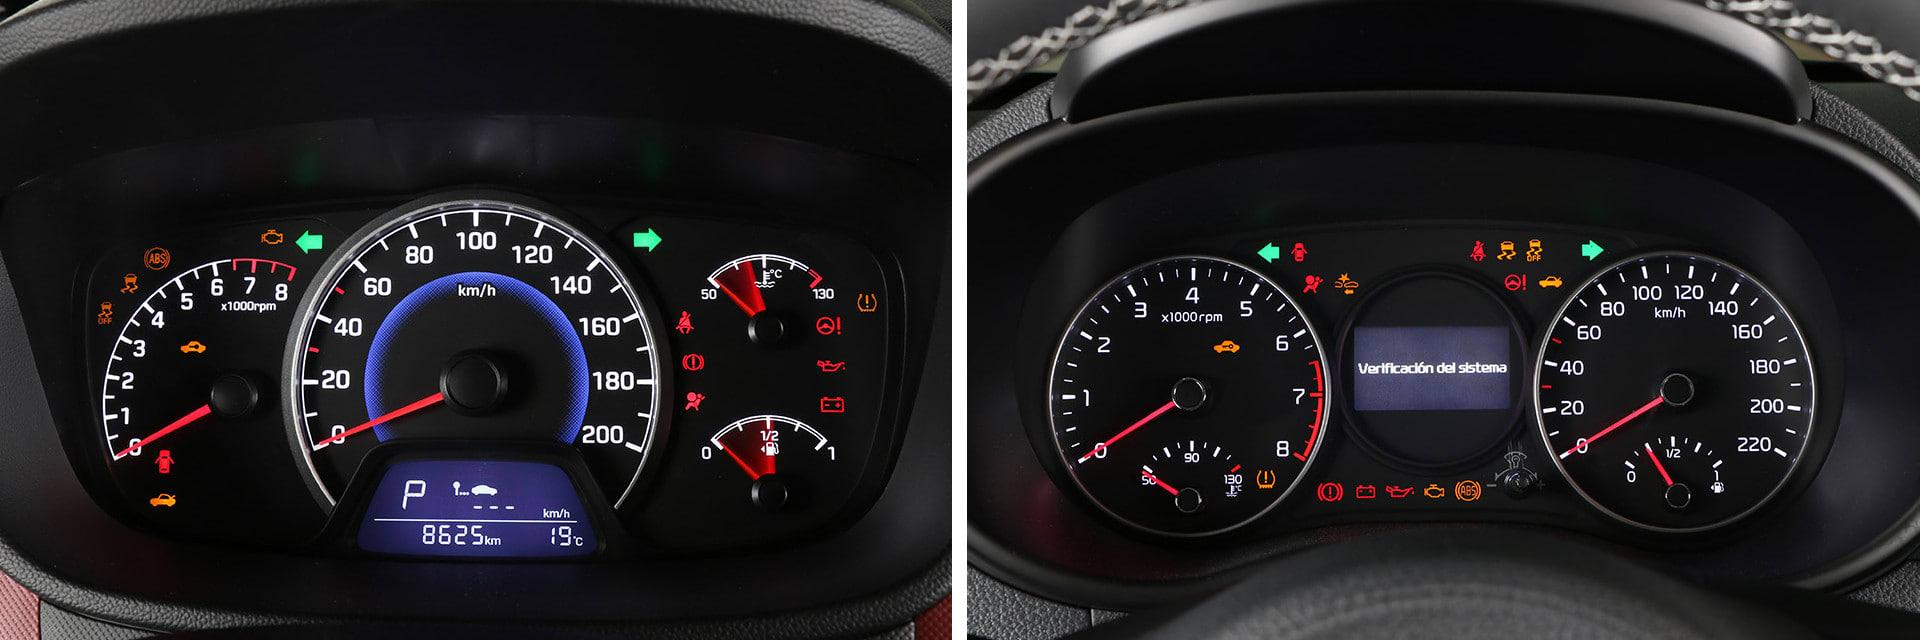 La instrumentación del Hyundai (izq.) y del Kia (dcha.), pese a ser diferentes, tienen ambas una buena visibilidad.